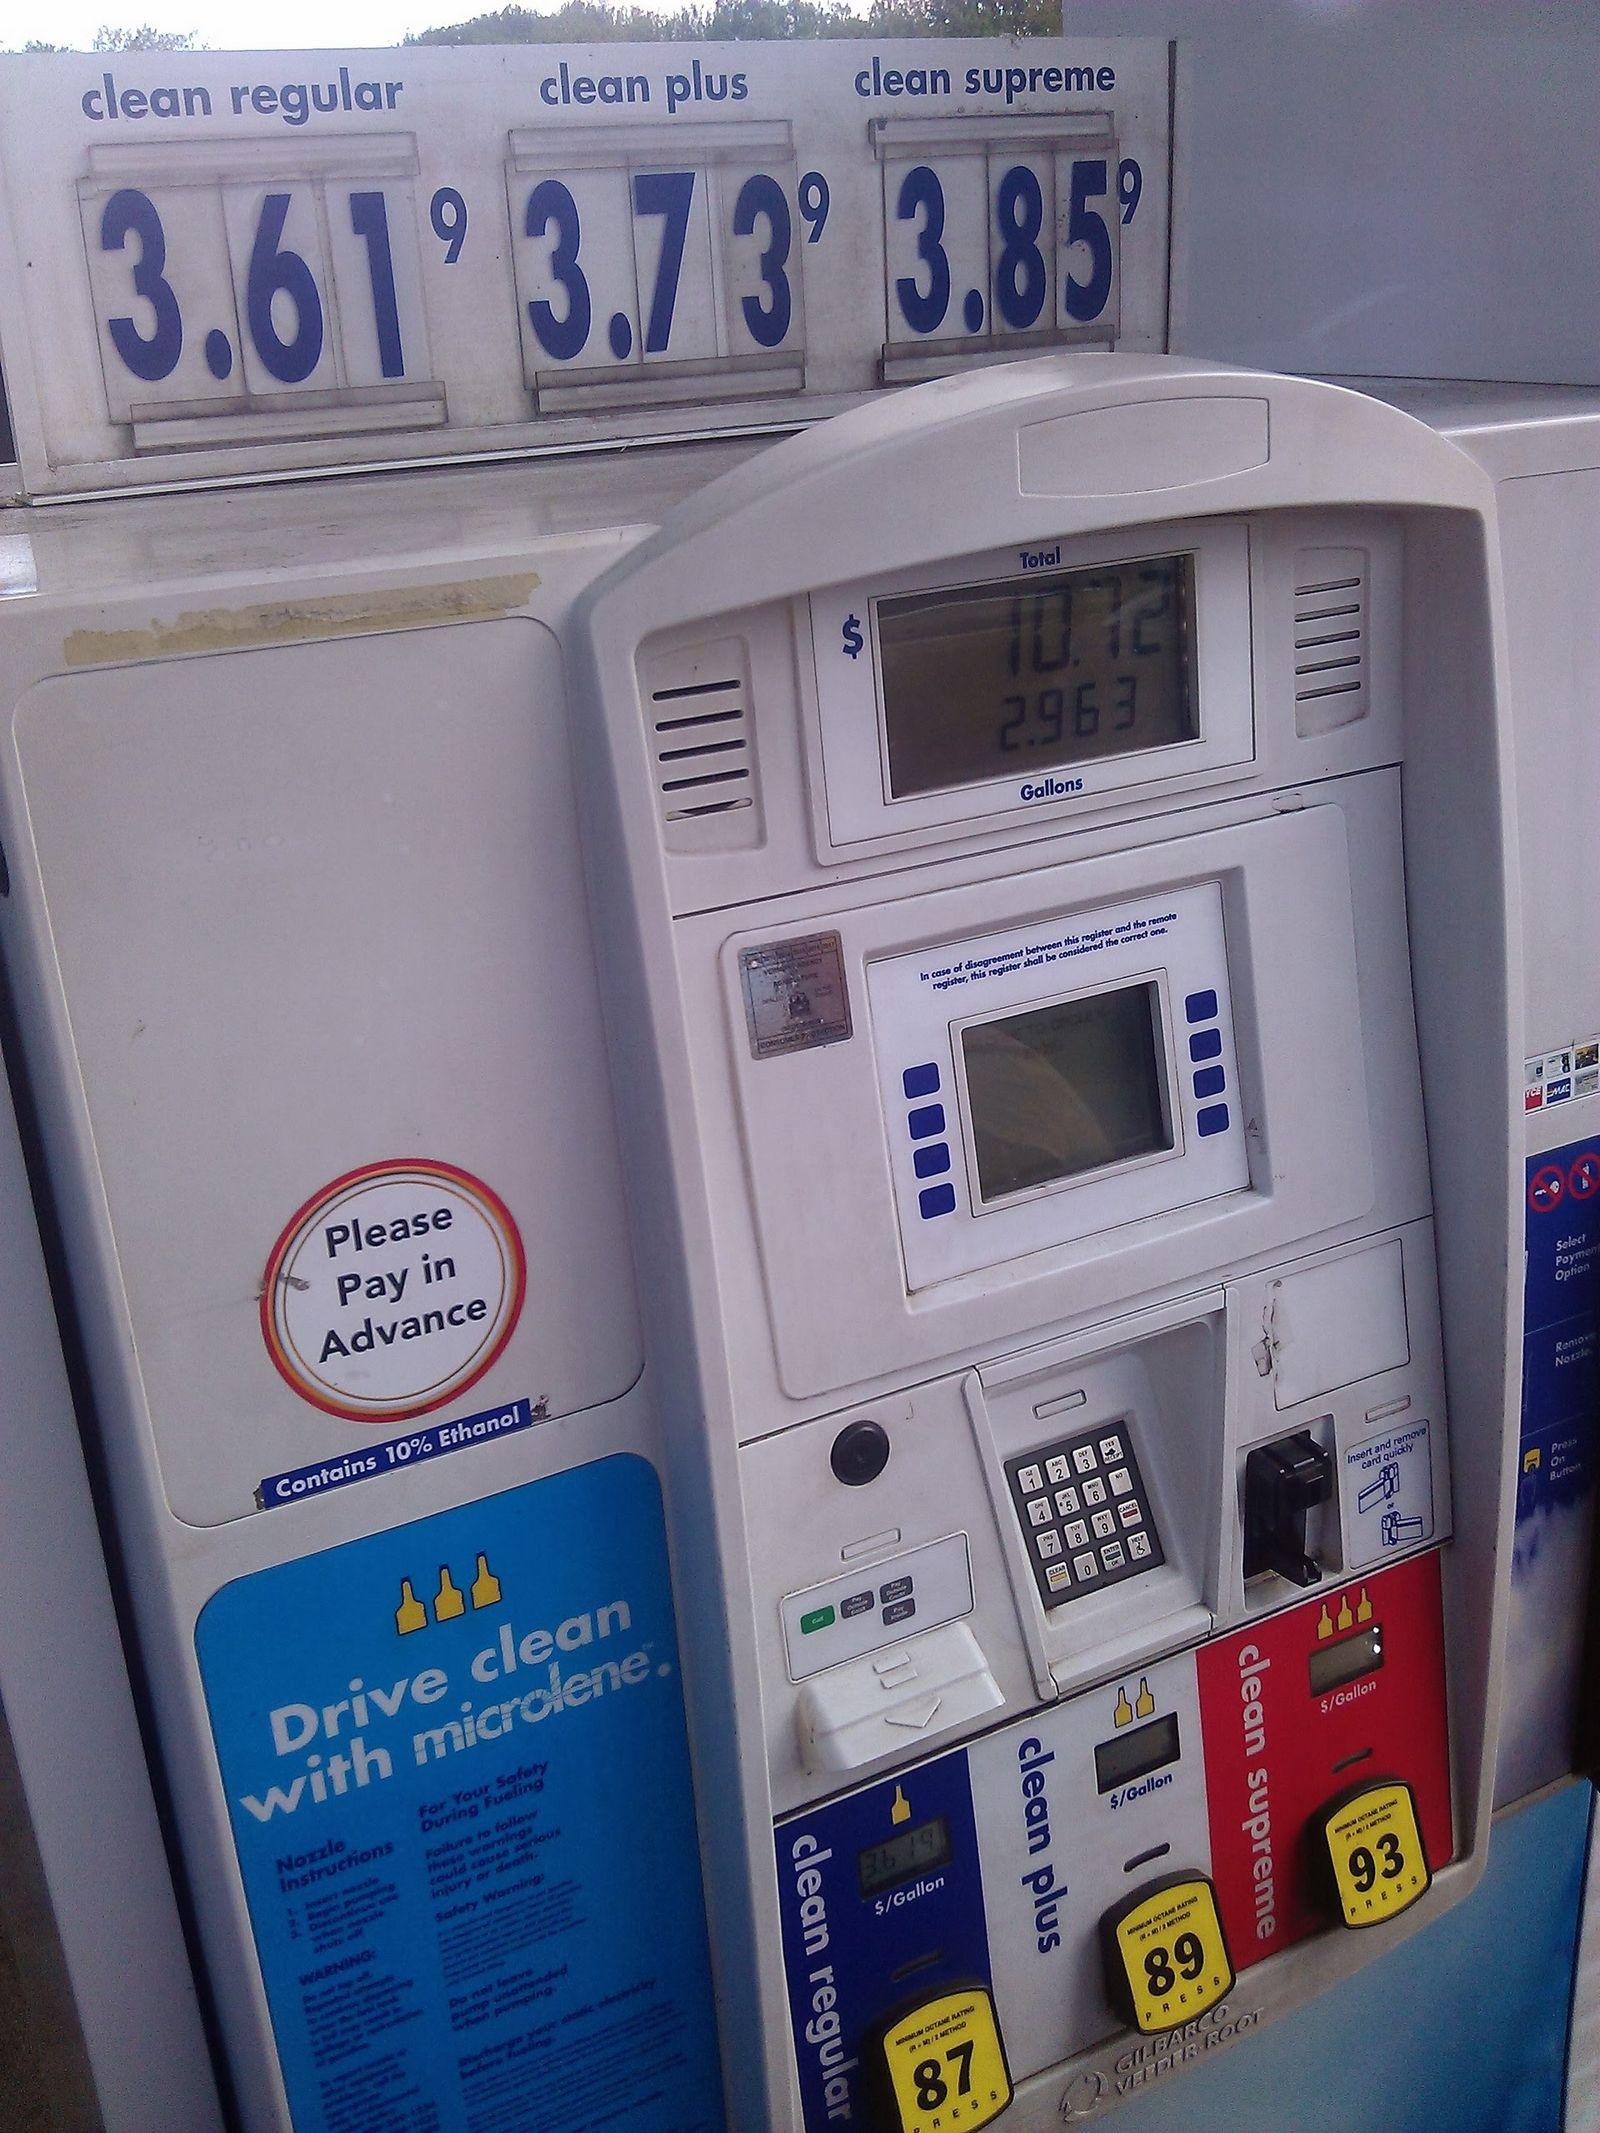 3,61 dólares por galón, la más barata de la zona